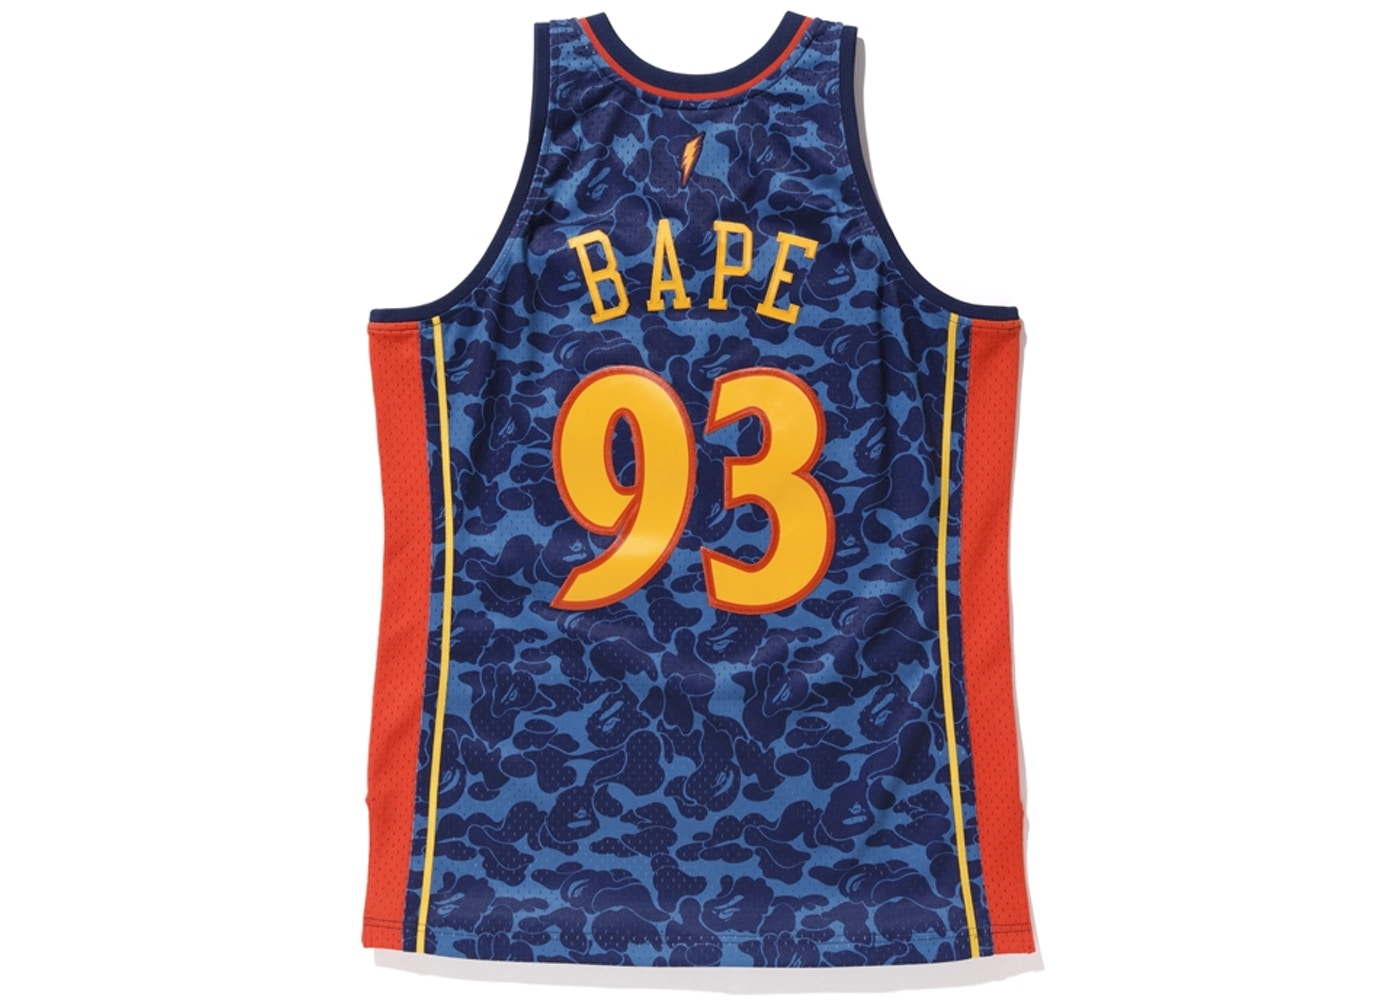 fe92636fca8 Streetwear - Bape Tops Sweatshirts - Total Sold